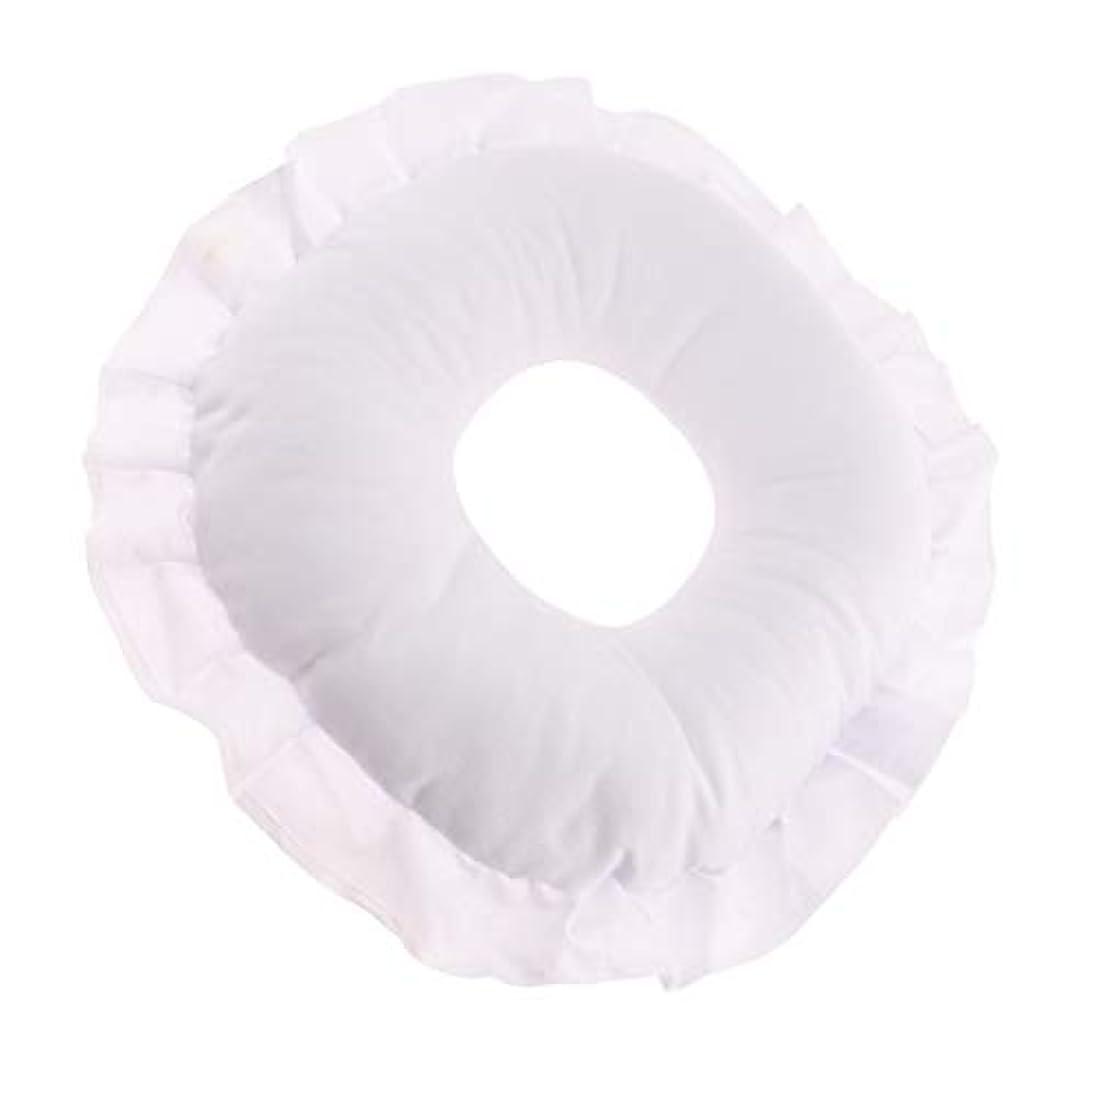 アンプ三番援助全3色 フェイスピロー 顔枕 マッサージ枕 マッサージテーブルピロー 柔軟 洗えるカバー リラックス - 白